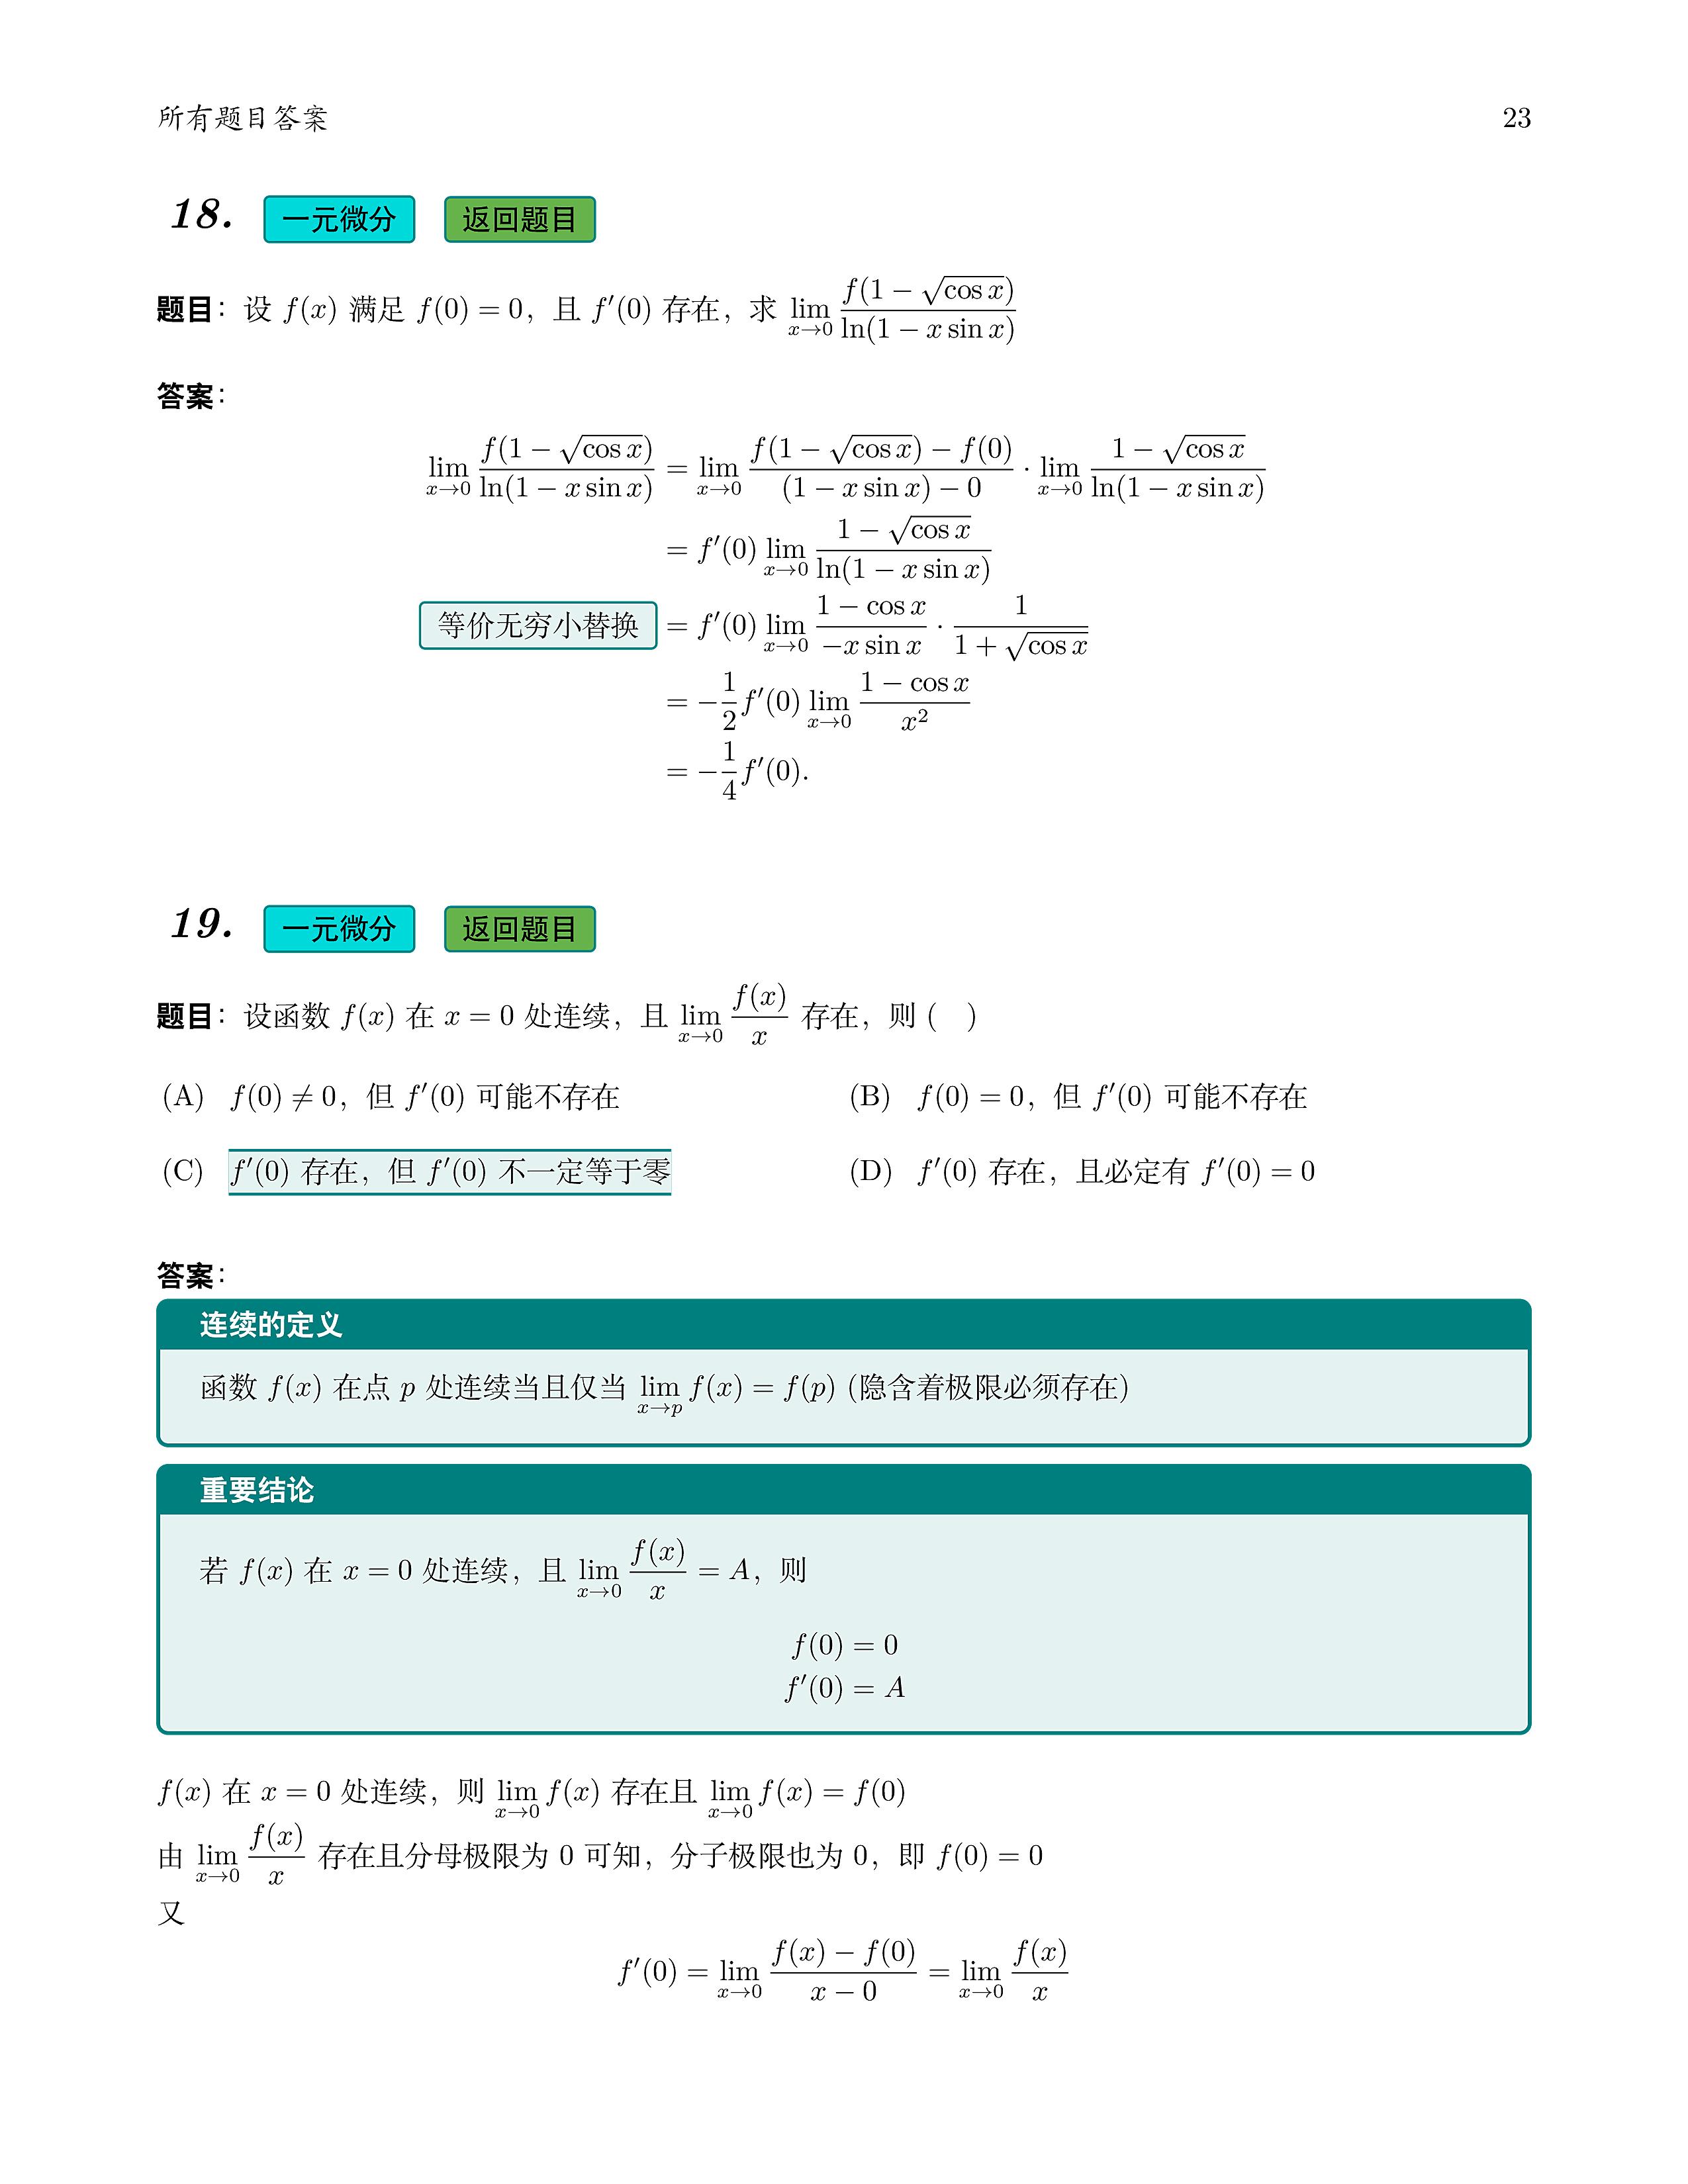 数学错题本,每天更新要复习的错题